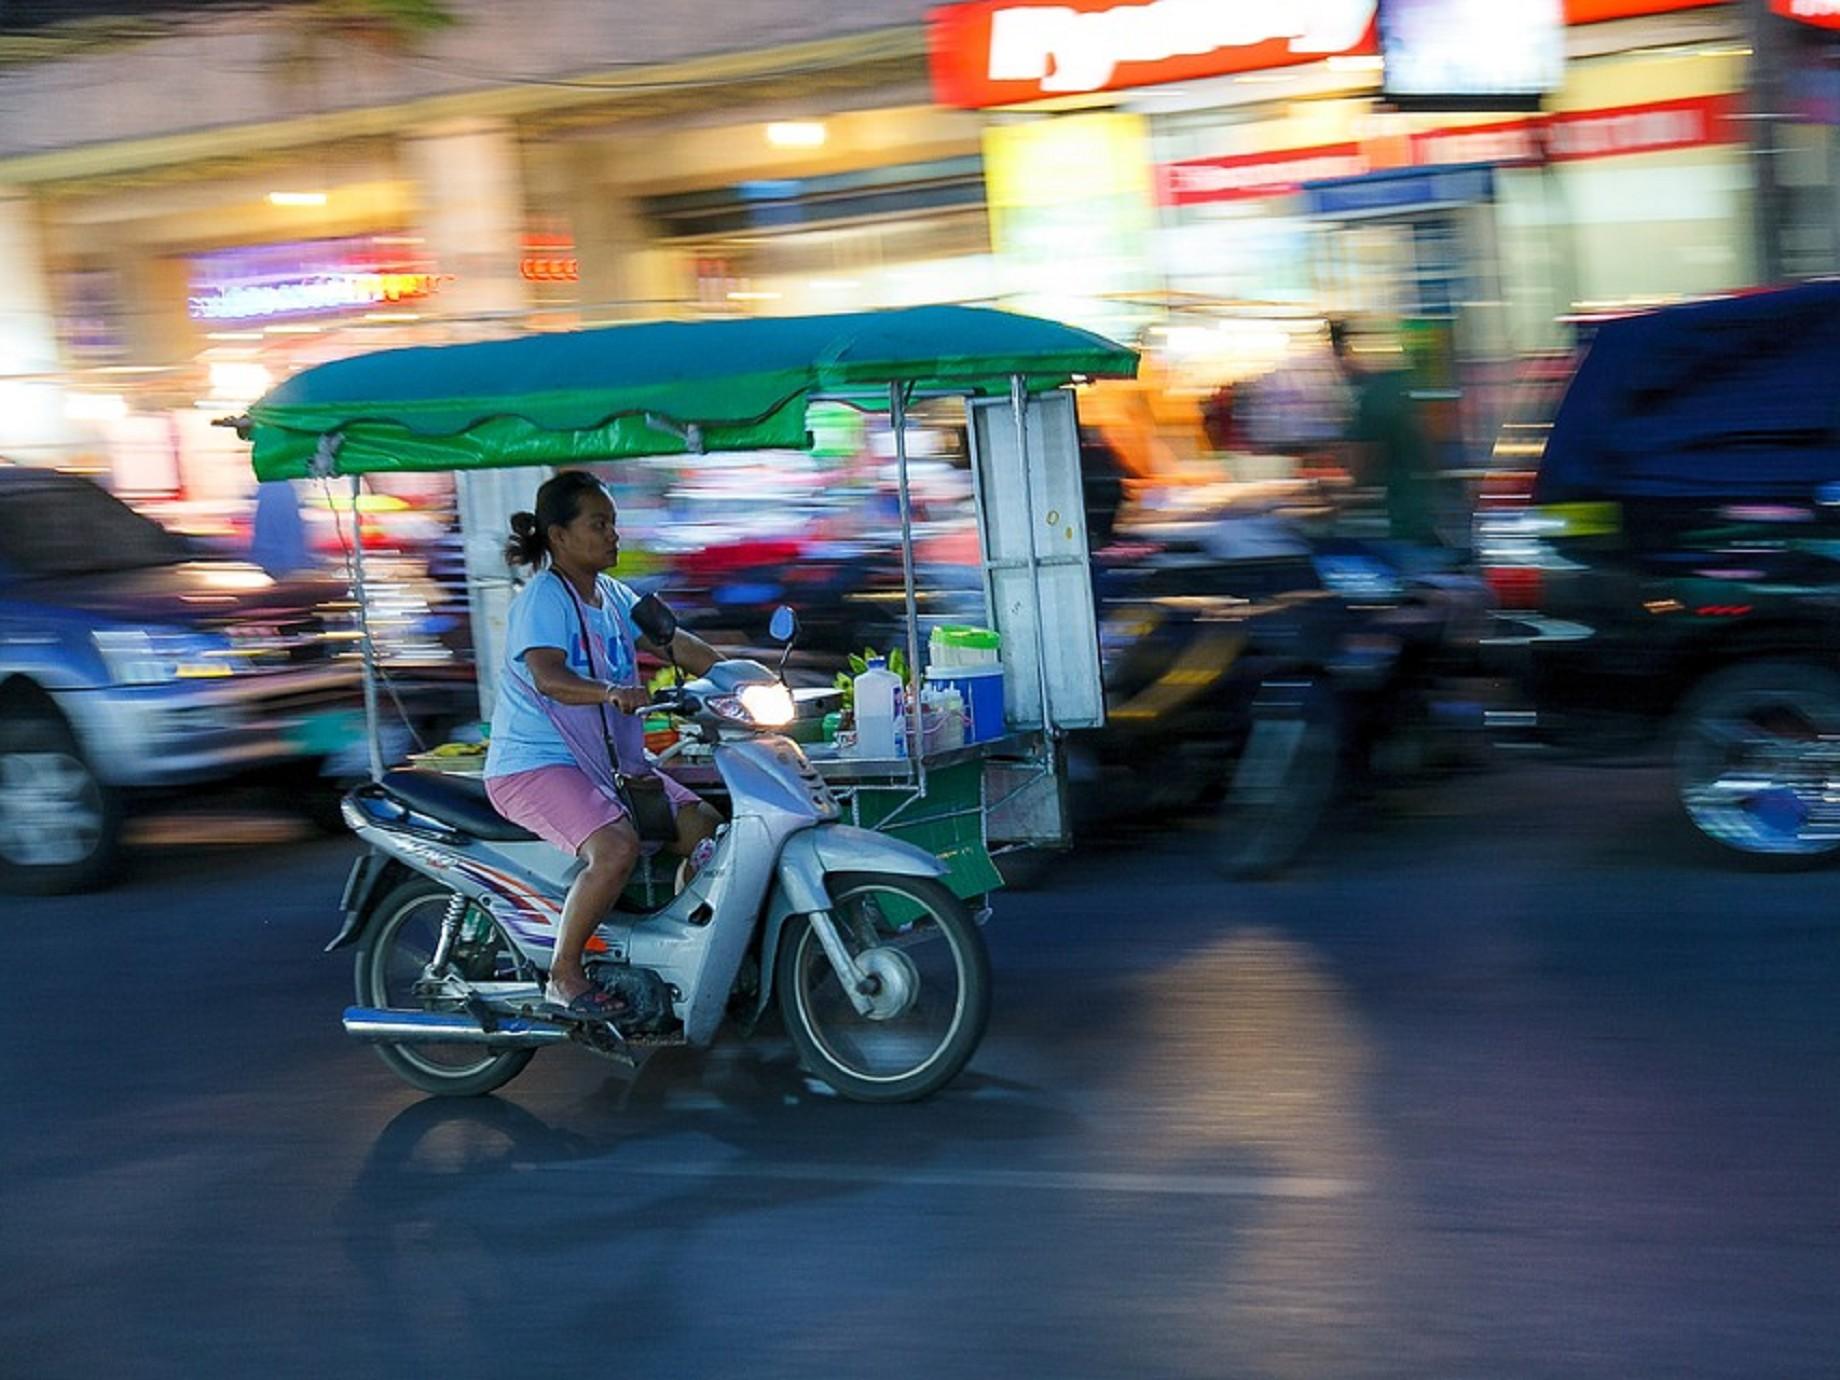 東南亞電商領頭羊?驅動泰國消費者線上購物5大因素